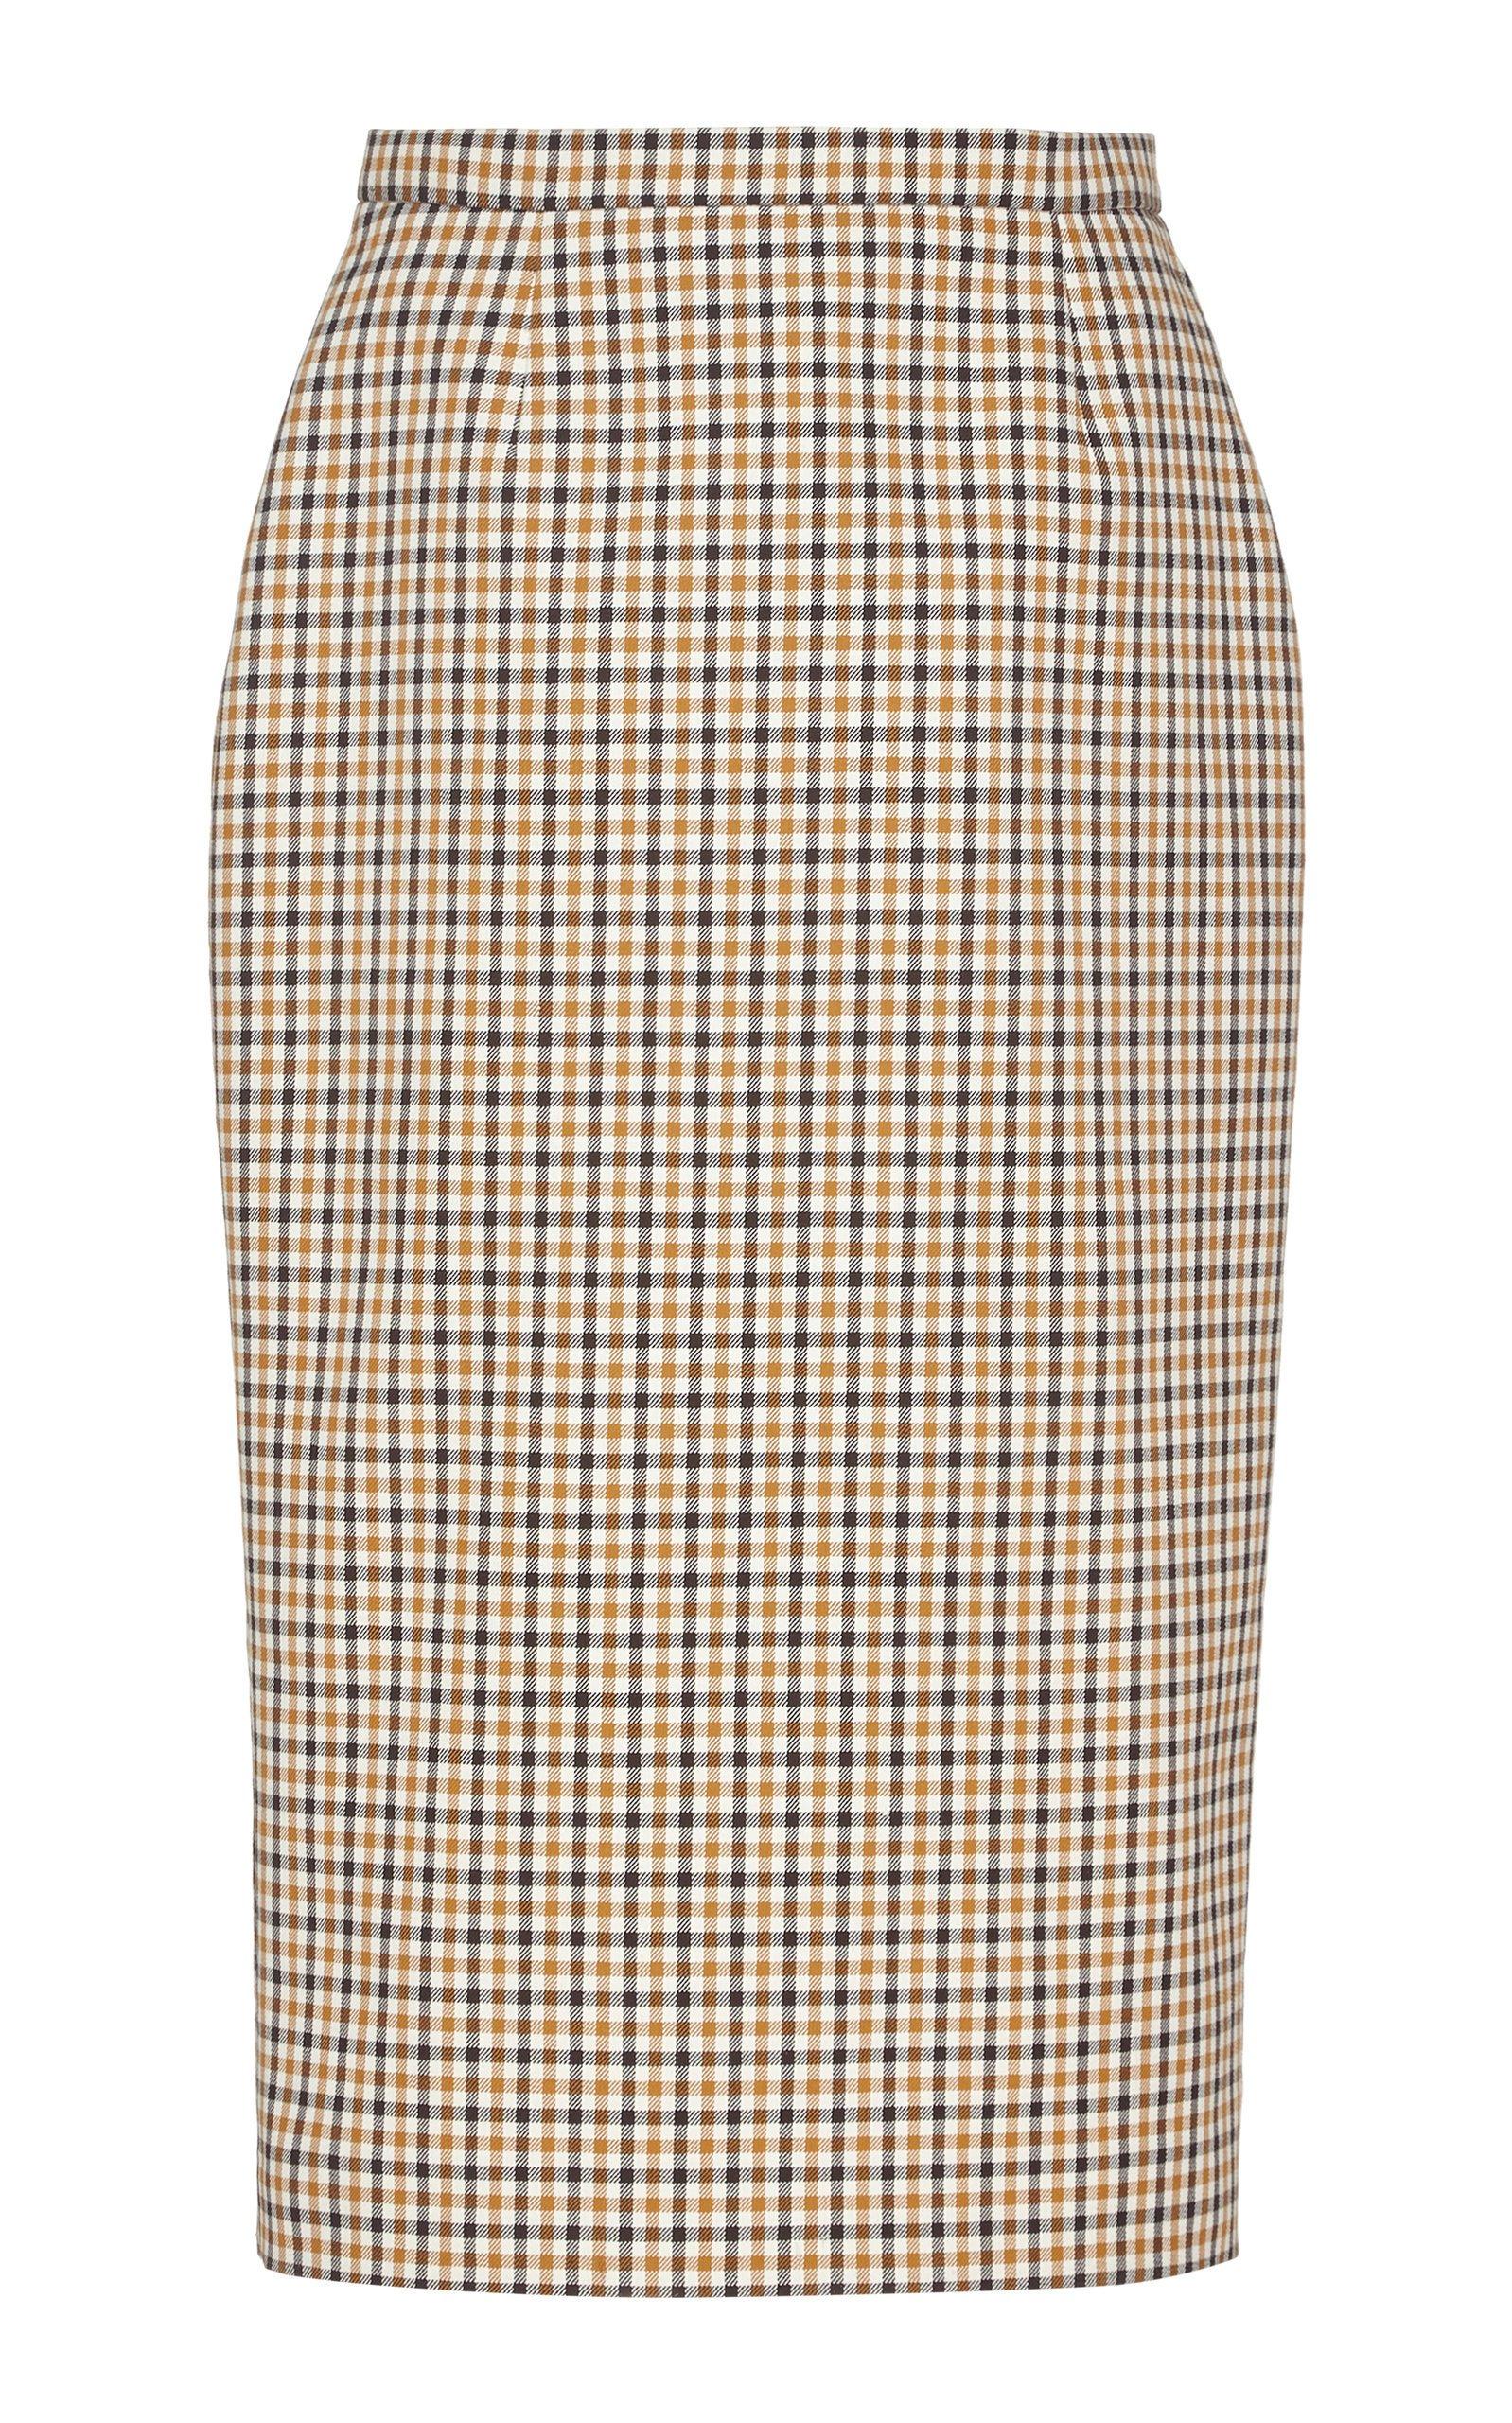 Rochas Gingham Pencil Skirt Size: 50